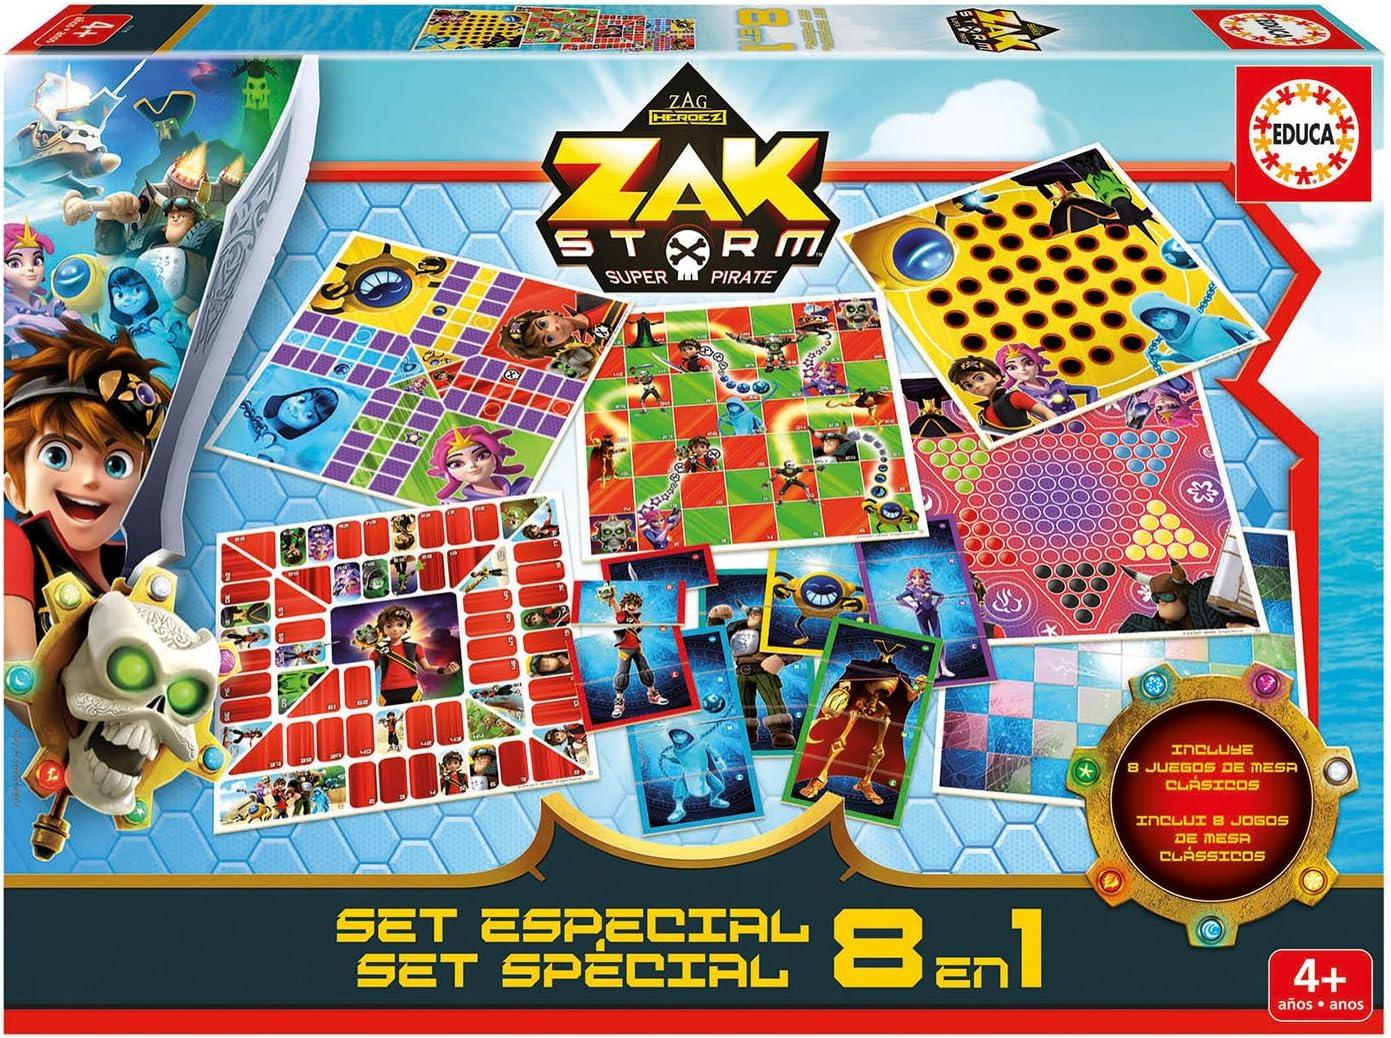 Educa Borrás- Zak Storm Set Especial, Multicolor (17719): Amazon.es: Juguetes y juegos